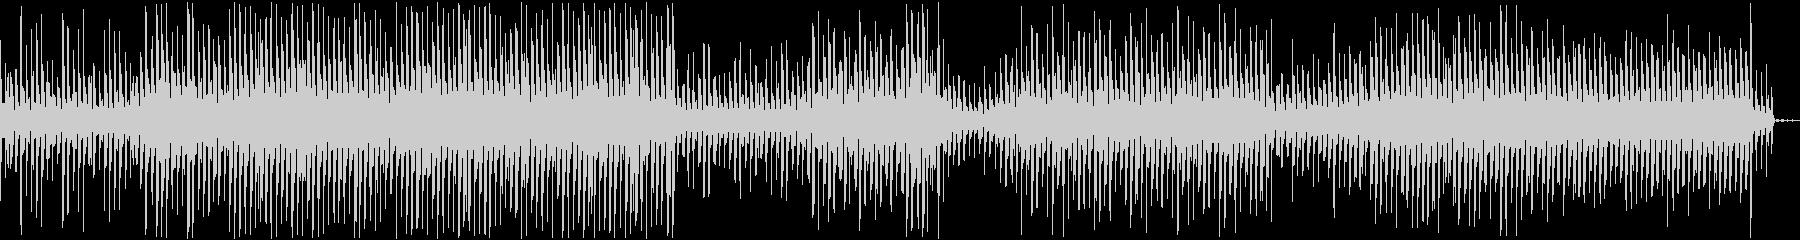 電子。スローダウンマイハート。催眠...の未再生の波形